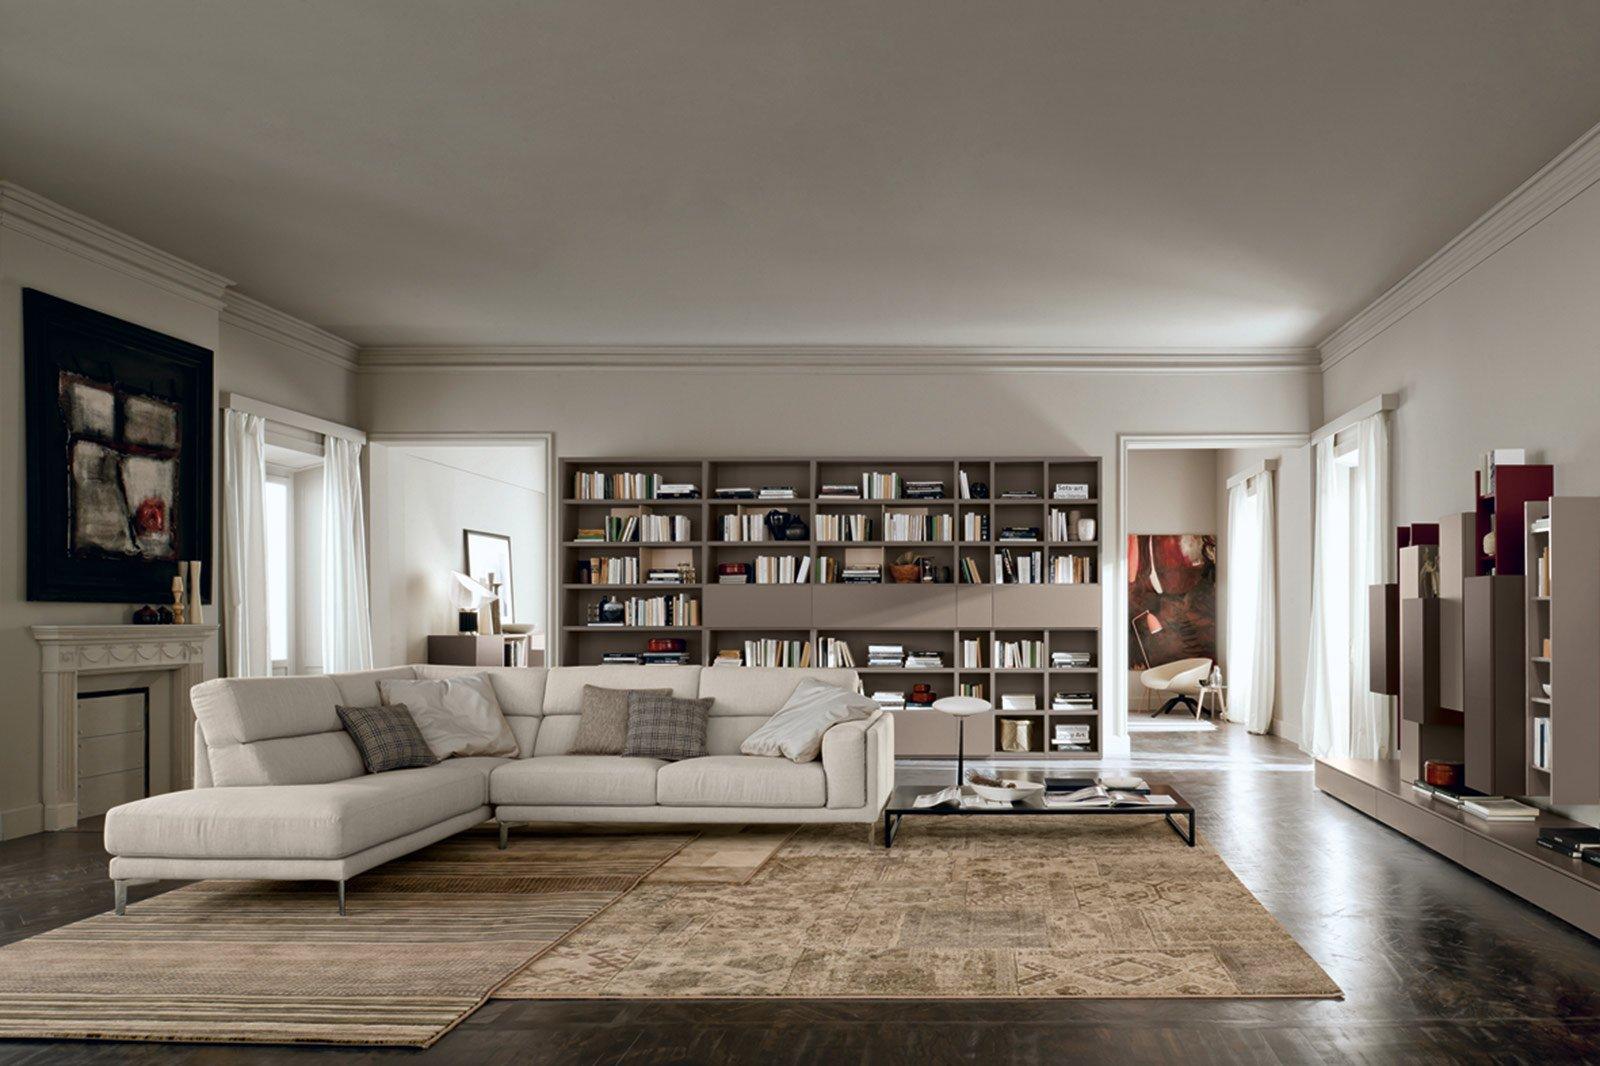 Salone del mobile 2014 le nuove librerie e pareti attrezzate cose di casa - La casa arredamento ...